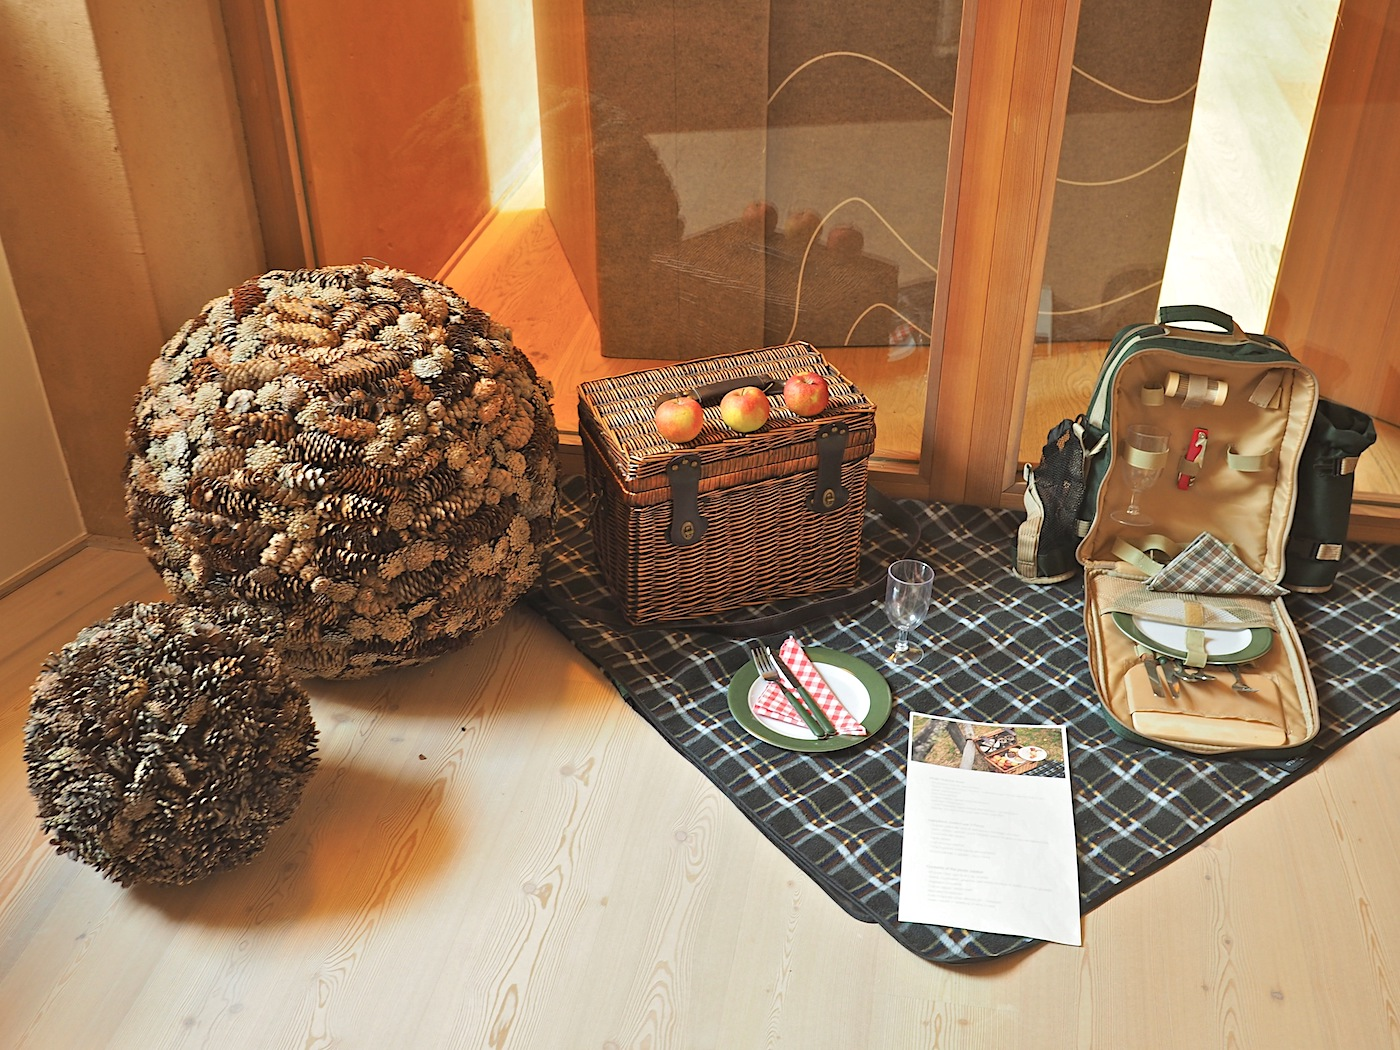 Betreutes Wandern. Für Ausflüge in die nähere oder weitere Umgebung füllt das Resort gerne einen Picknickkorb.